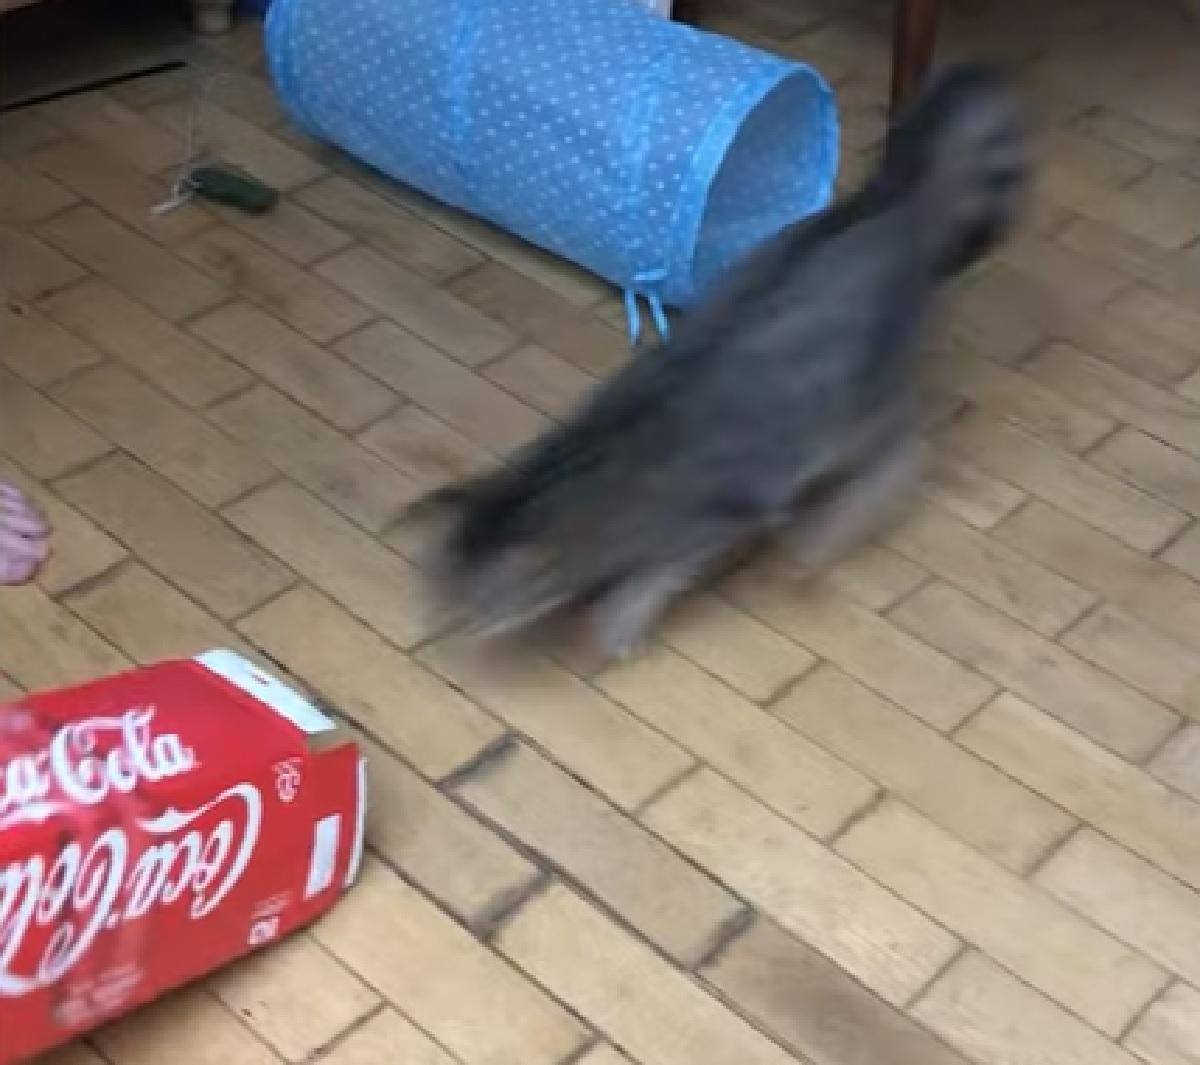 gattino soriano velocità assurda